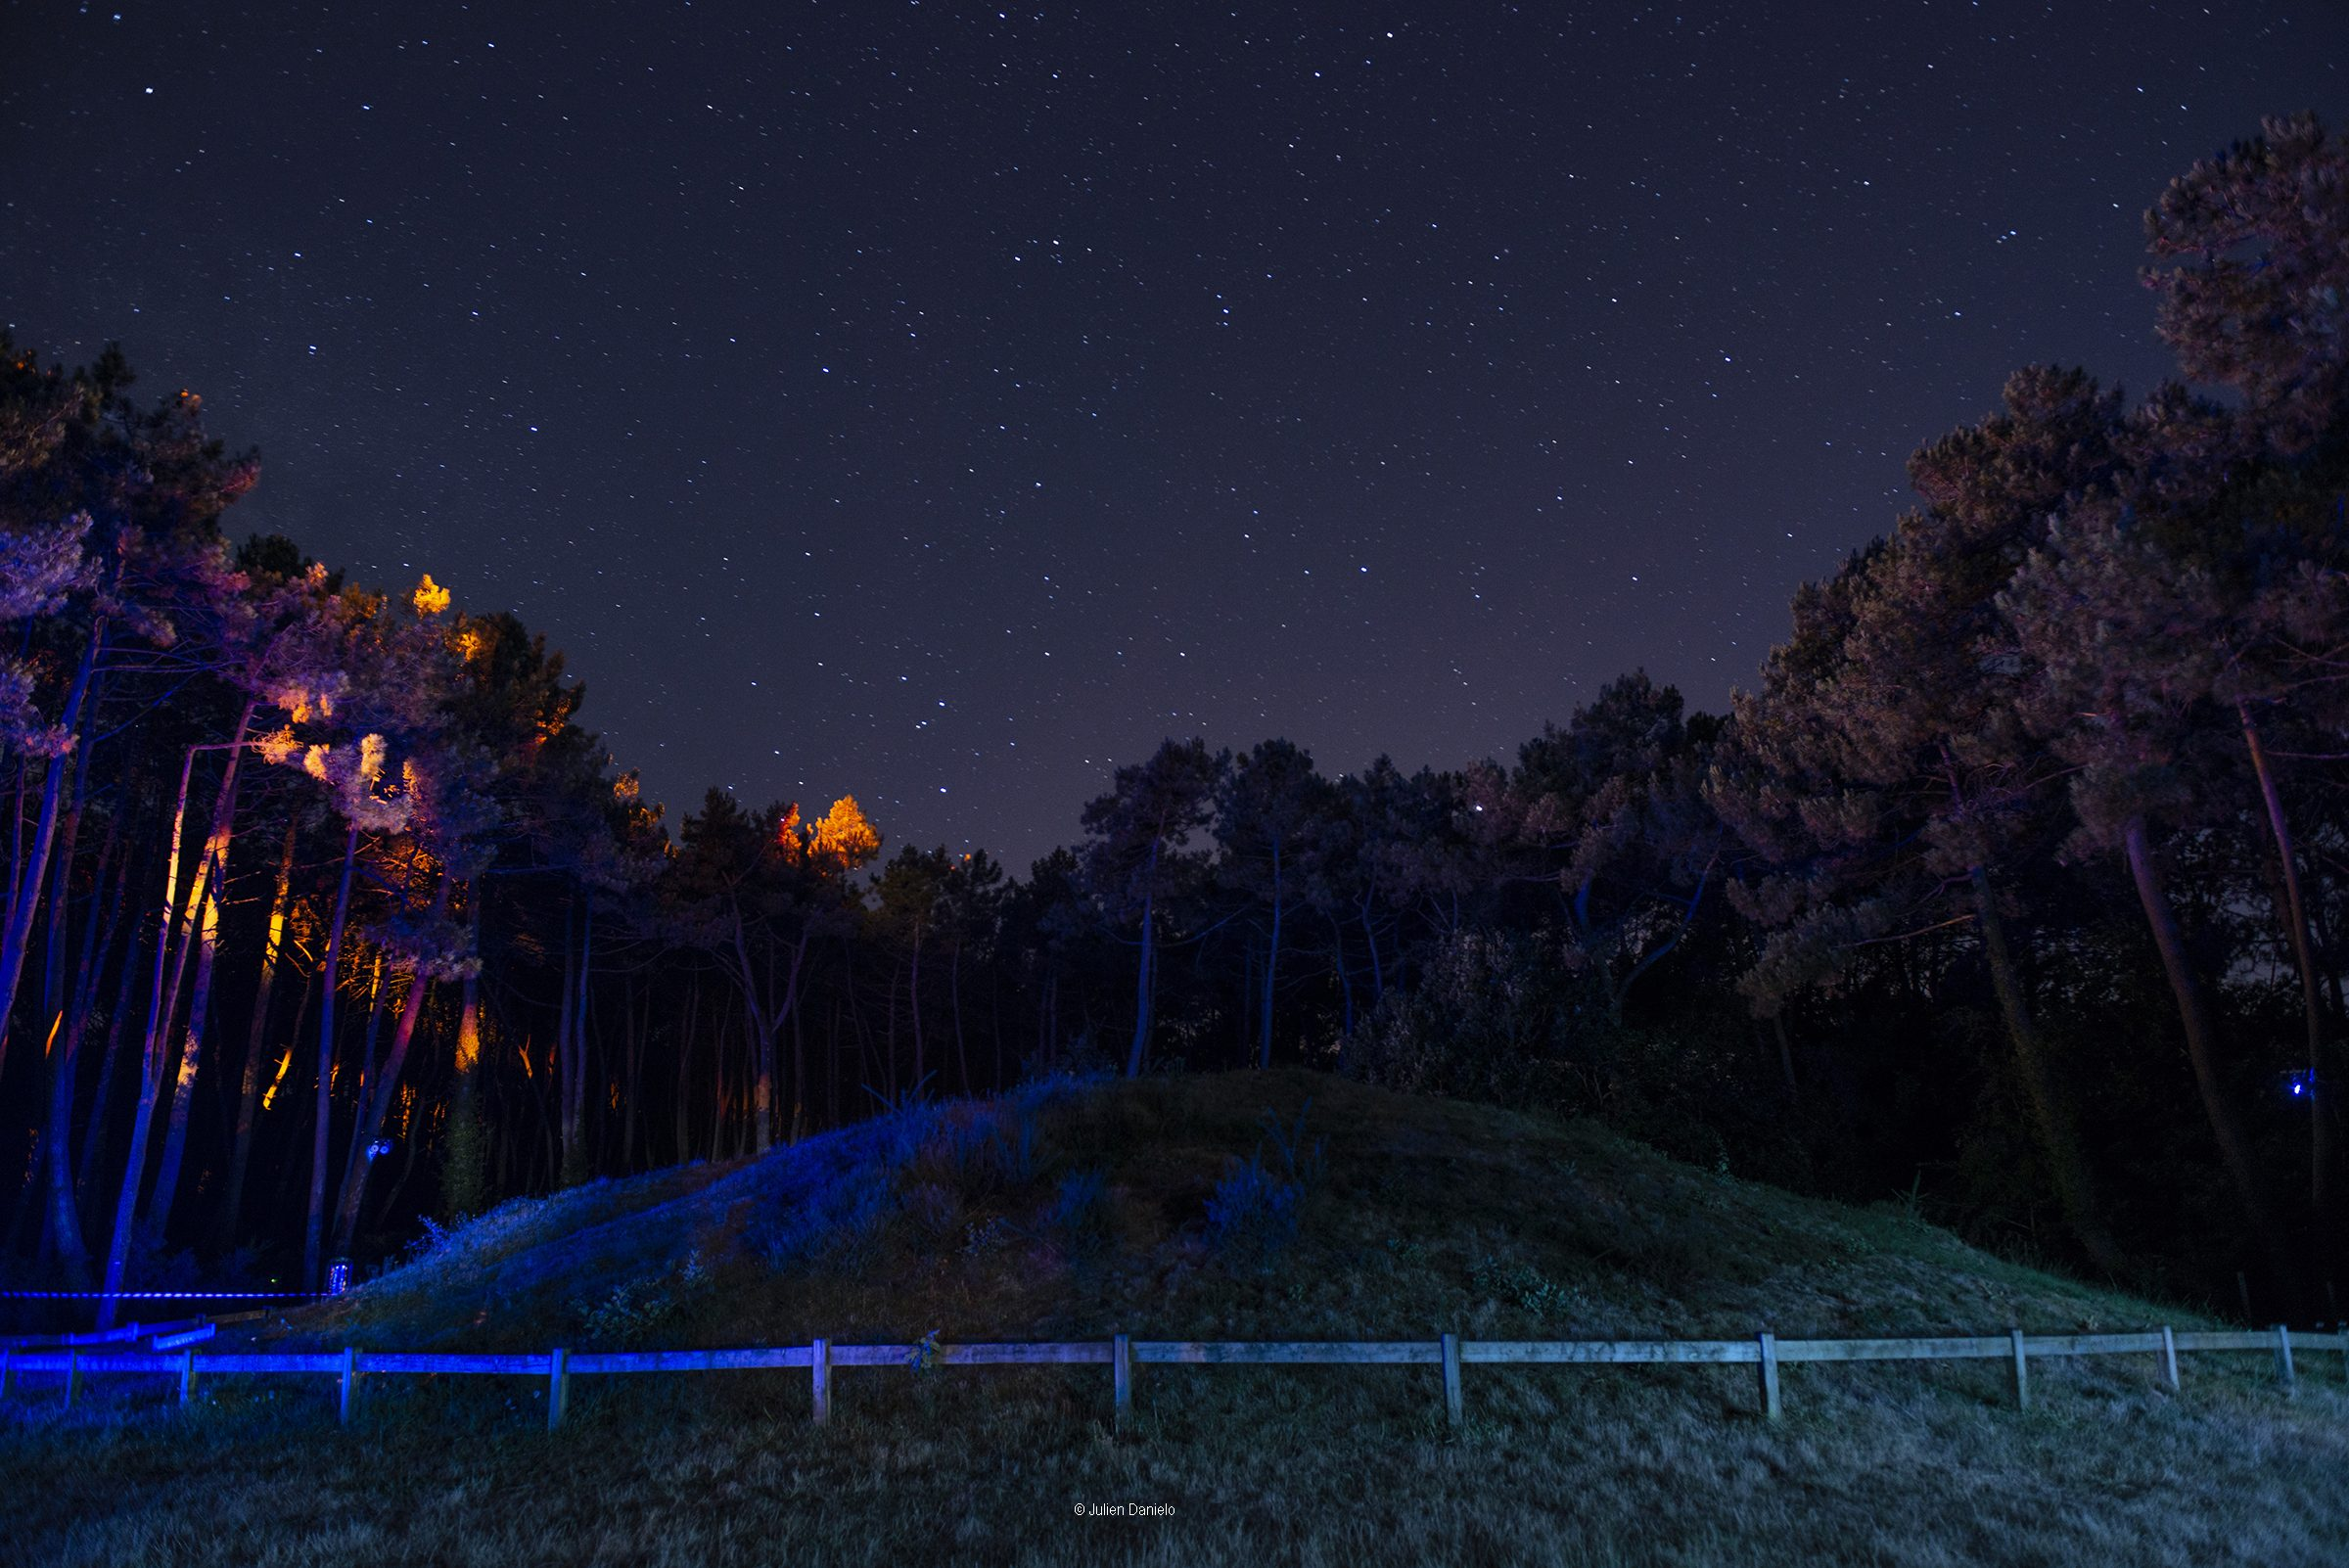 L'observatoire de la nuit